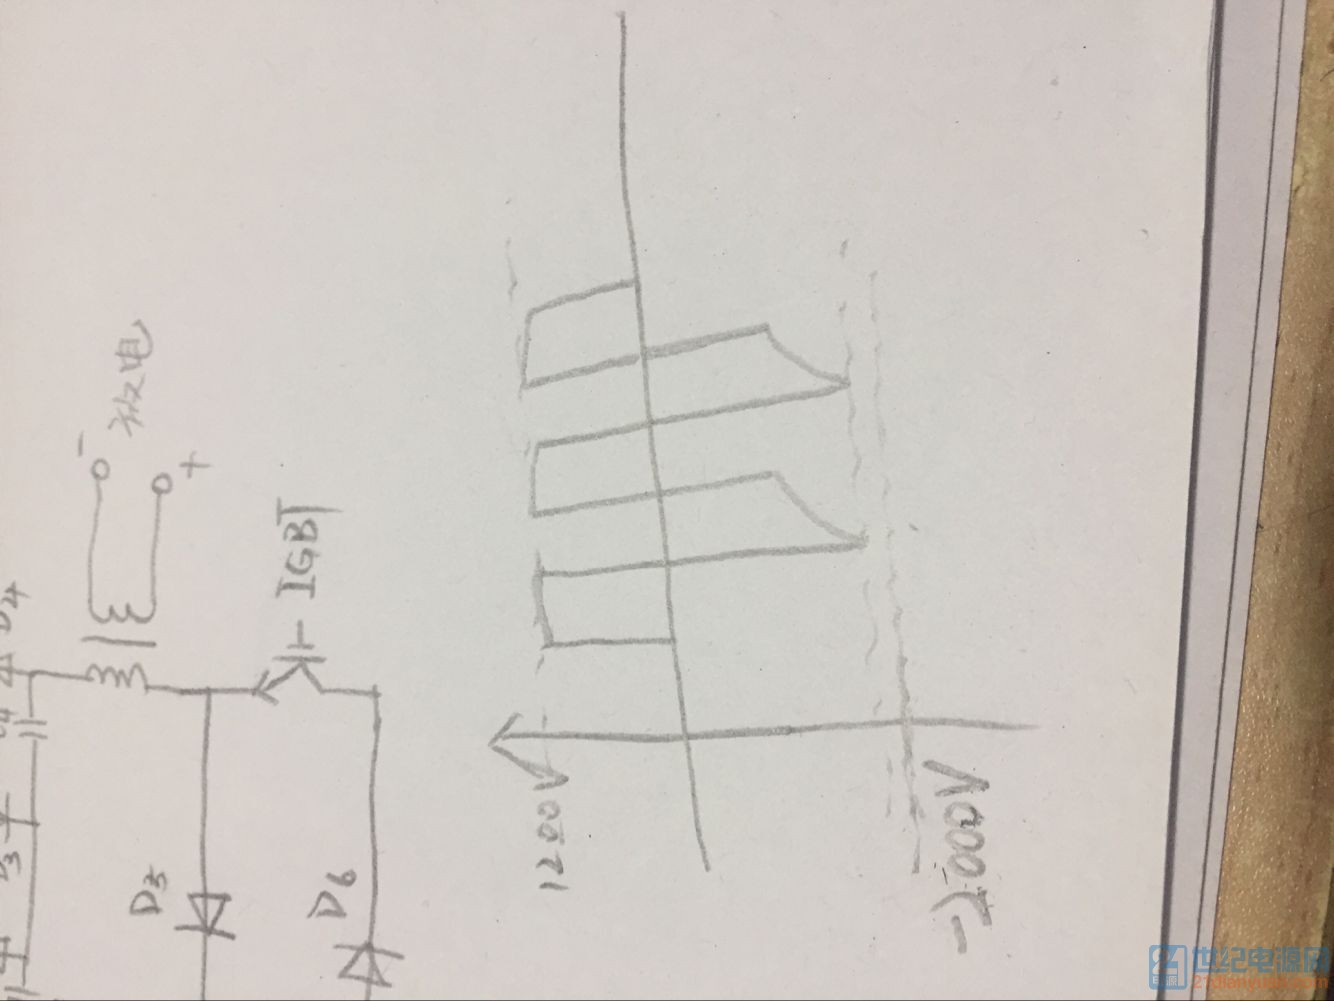 倍压整流后,开关管IGBT开通时,电容C2、C4经D6、IGBT、变压器一次侧绕组放电(1200v),在变压器(变比1:3)二次侧得到3600v 左右的高压,击穿空气放电。 但是开关管关断时,变压器一次侧绕组励磁电流经D5对电容C2、C4充电。但是,变压器一次侧承受的反向电压达到接近2000v。所以问问,是什么原因?如何降低或者消除反向电压?请各位大侠指点。。。。